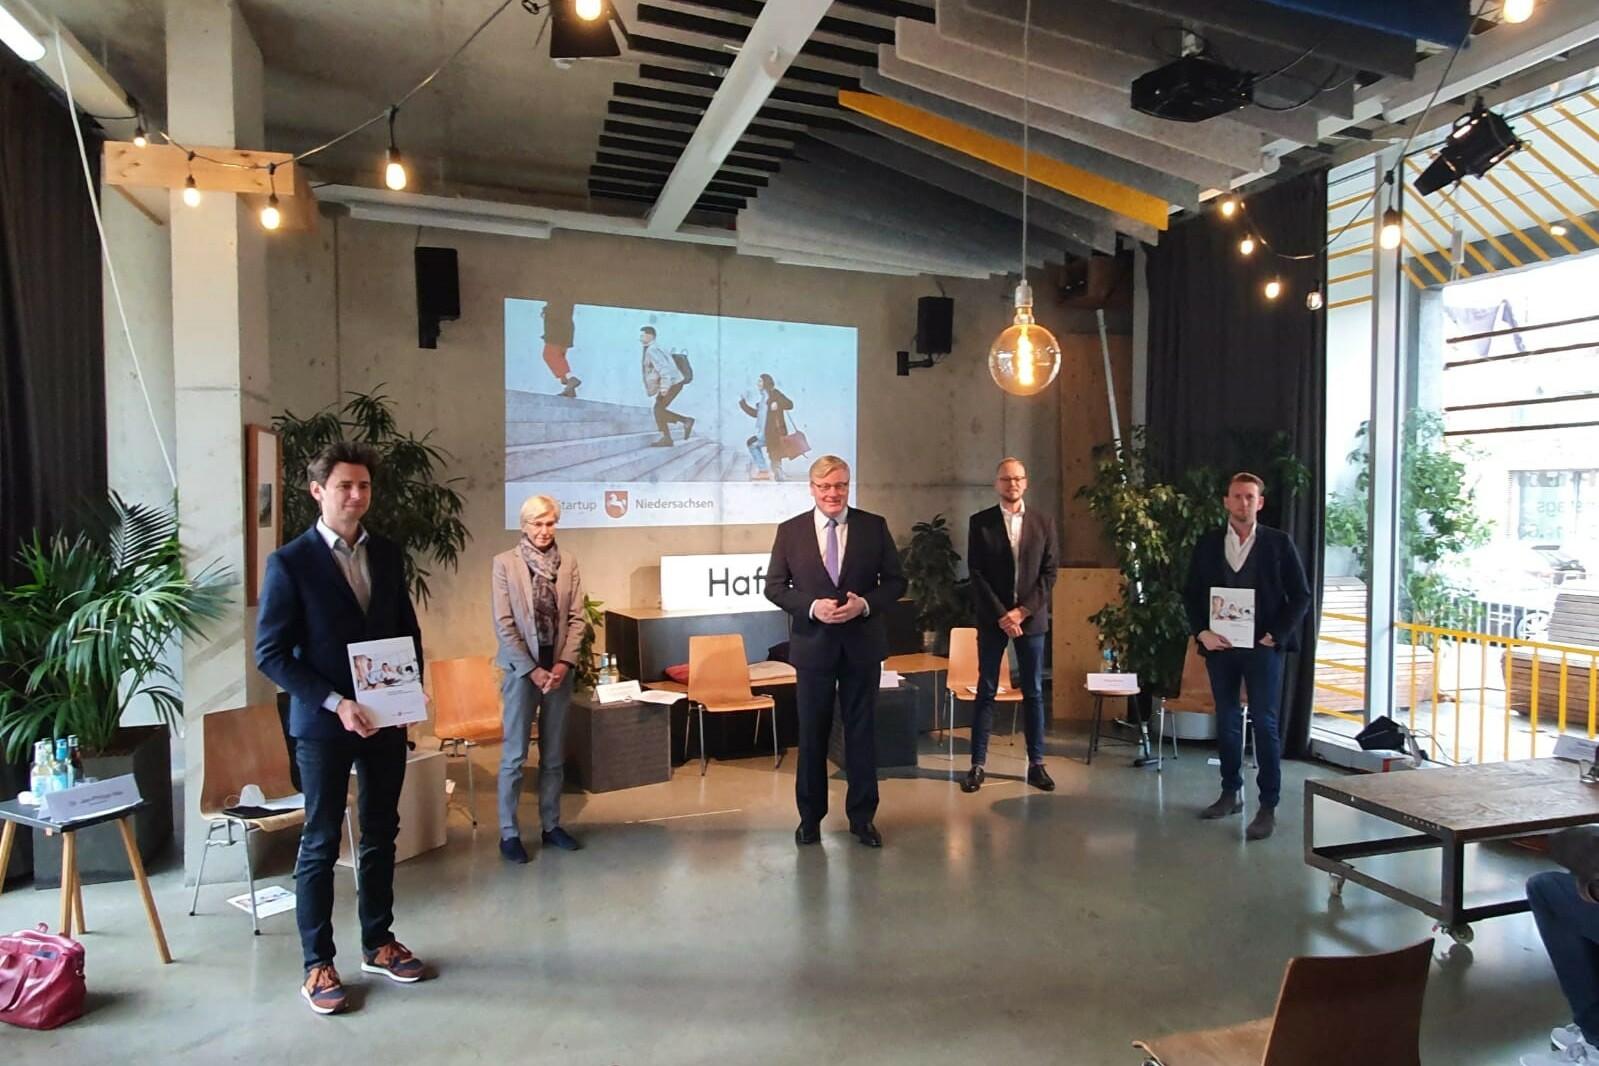 Das Bild zeigt drei Mitglieder vom Startup-Beirat mit Wirtschaftsminister Dr. Bernd Althusmann und Wissenschaftsstaatssekretärin Dr. Sabine Johannsen bei der Pressekonferenz.